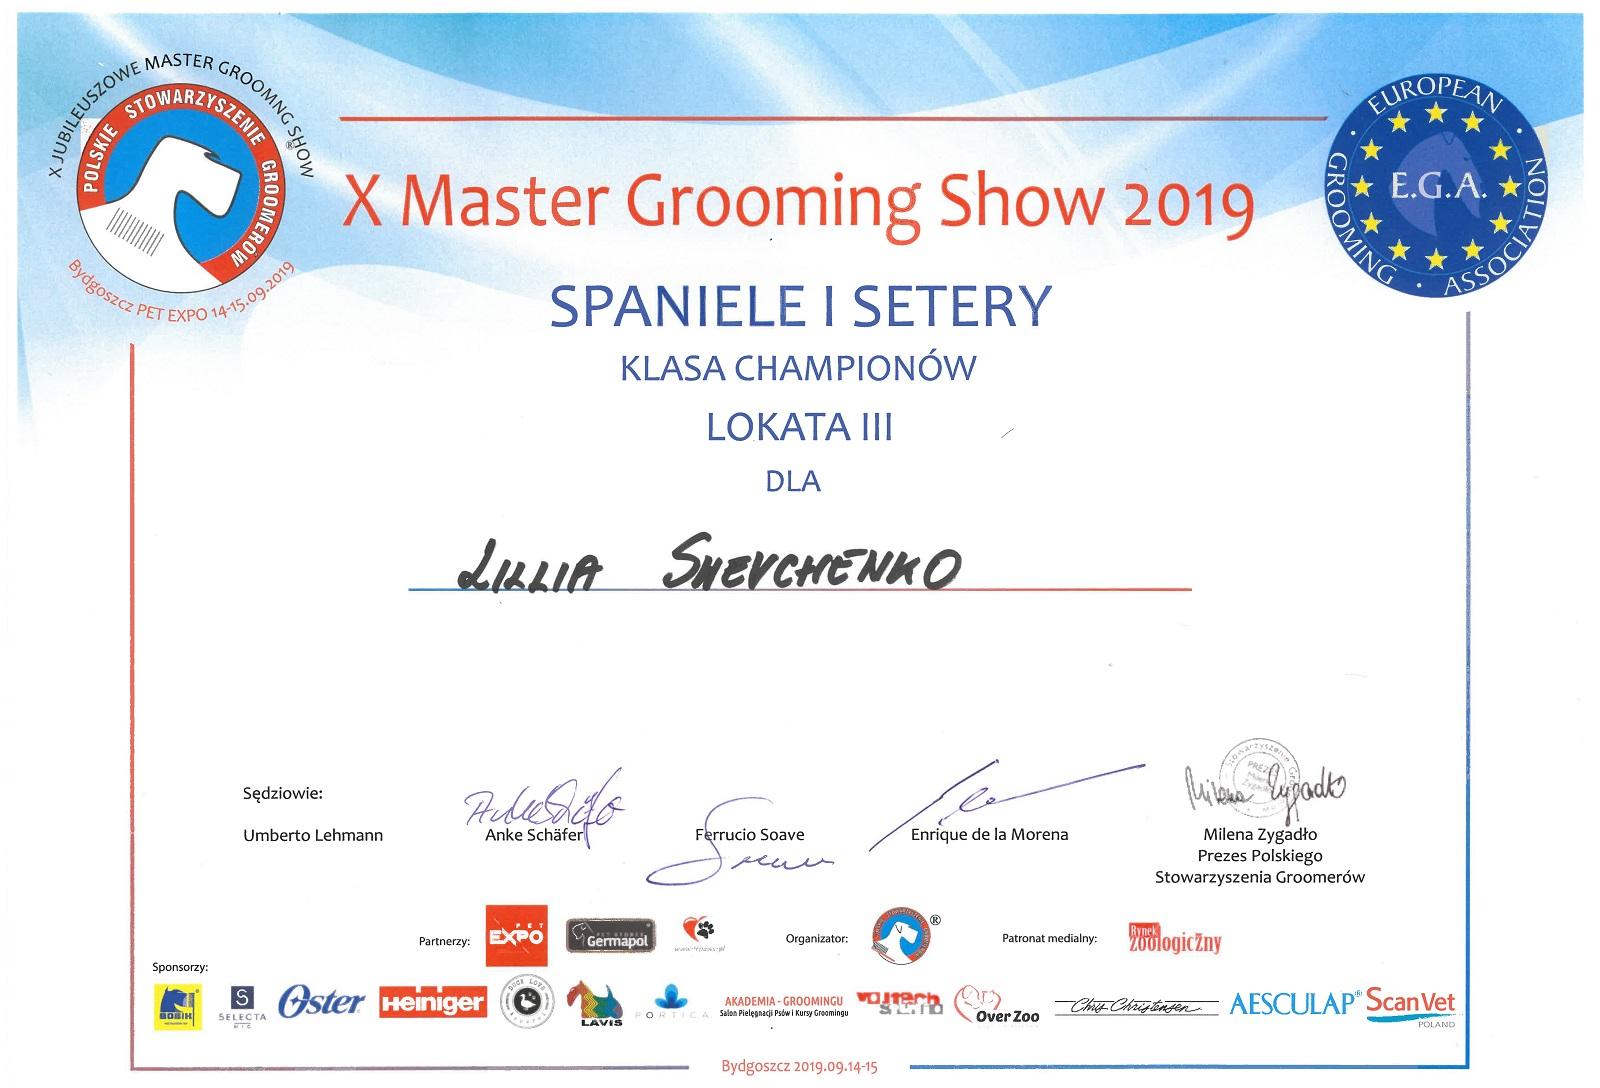 Drugi największy sukces Lilii - 3 Miejsce w Klasie Championów na Konkursie Masters Grooming Show 2019 w Polsce